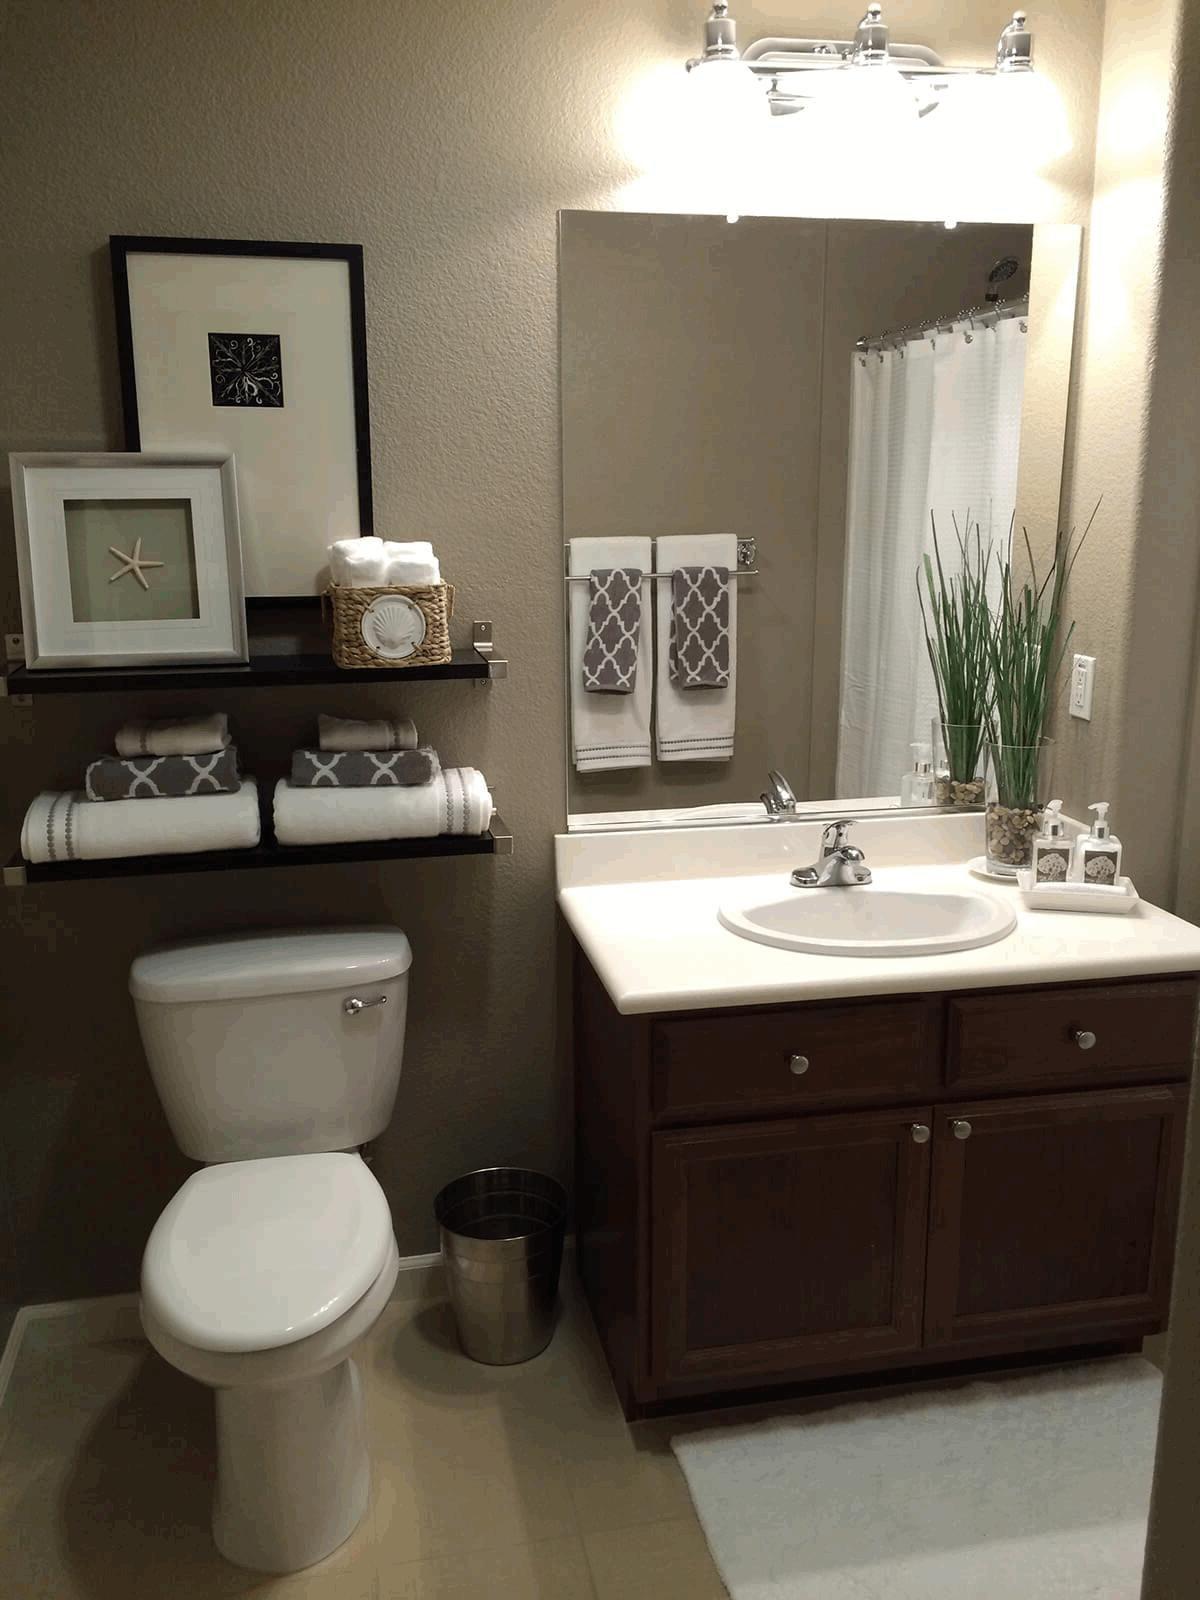 Bathroom Shelves Over Toilet Dark Brown Finish Varnished Wooden